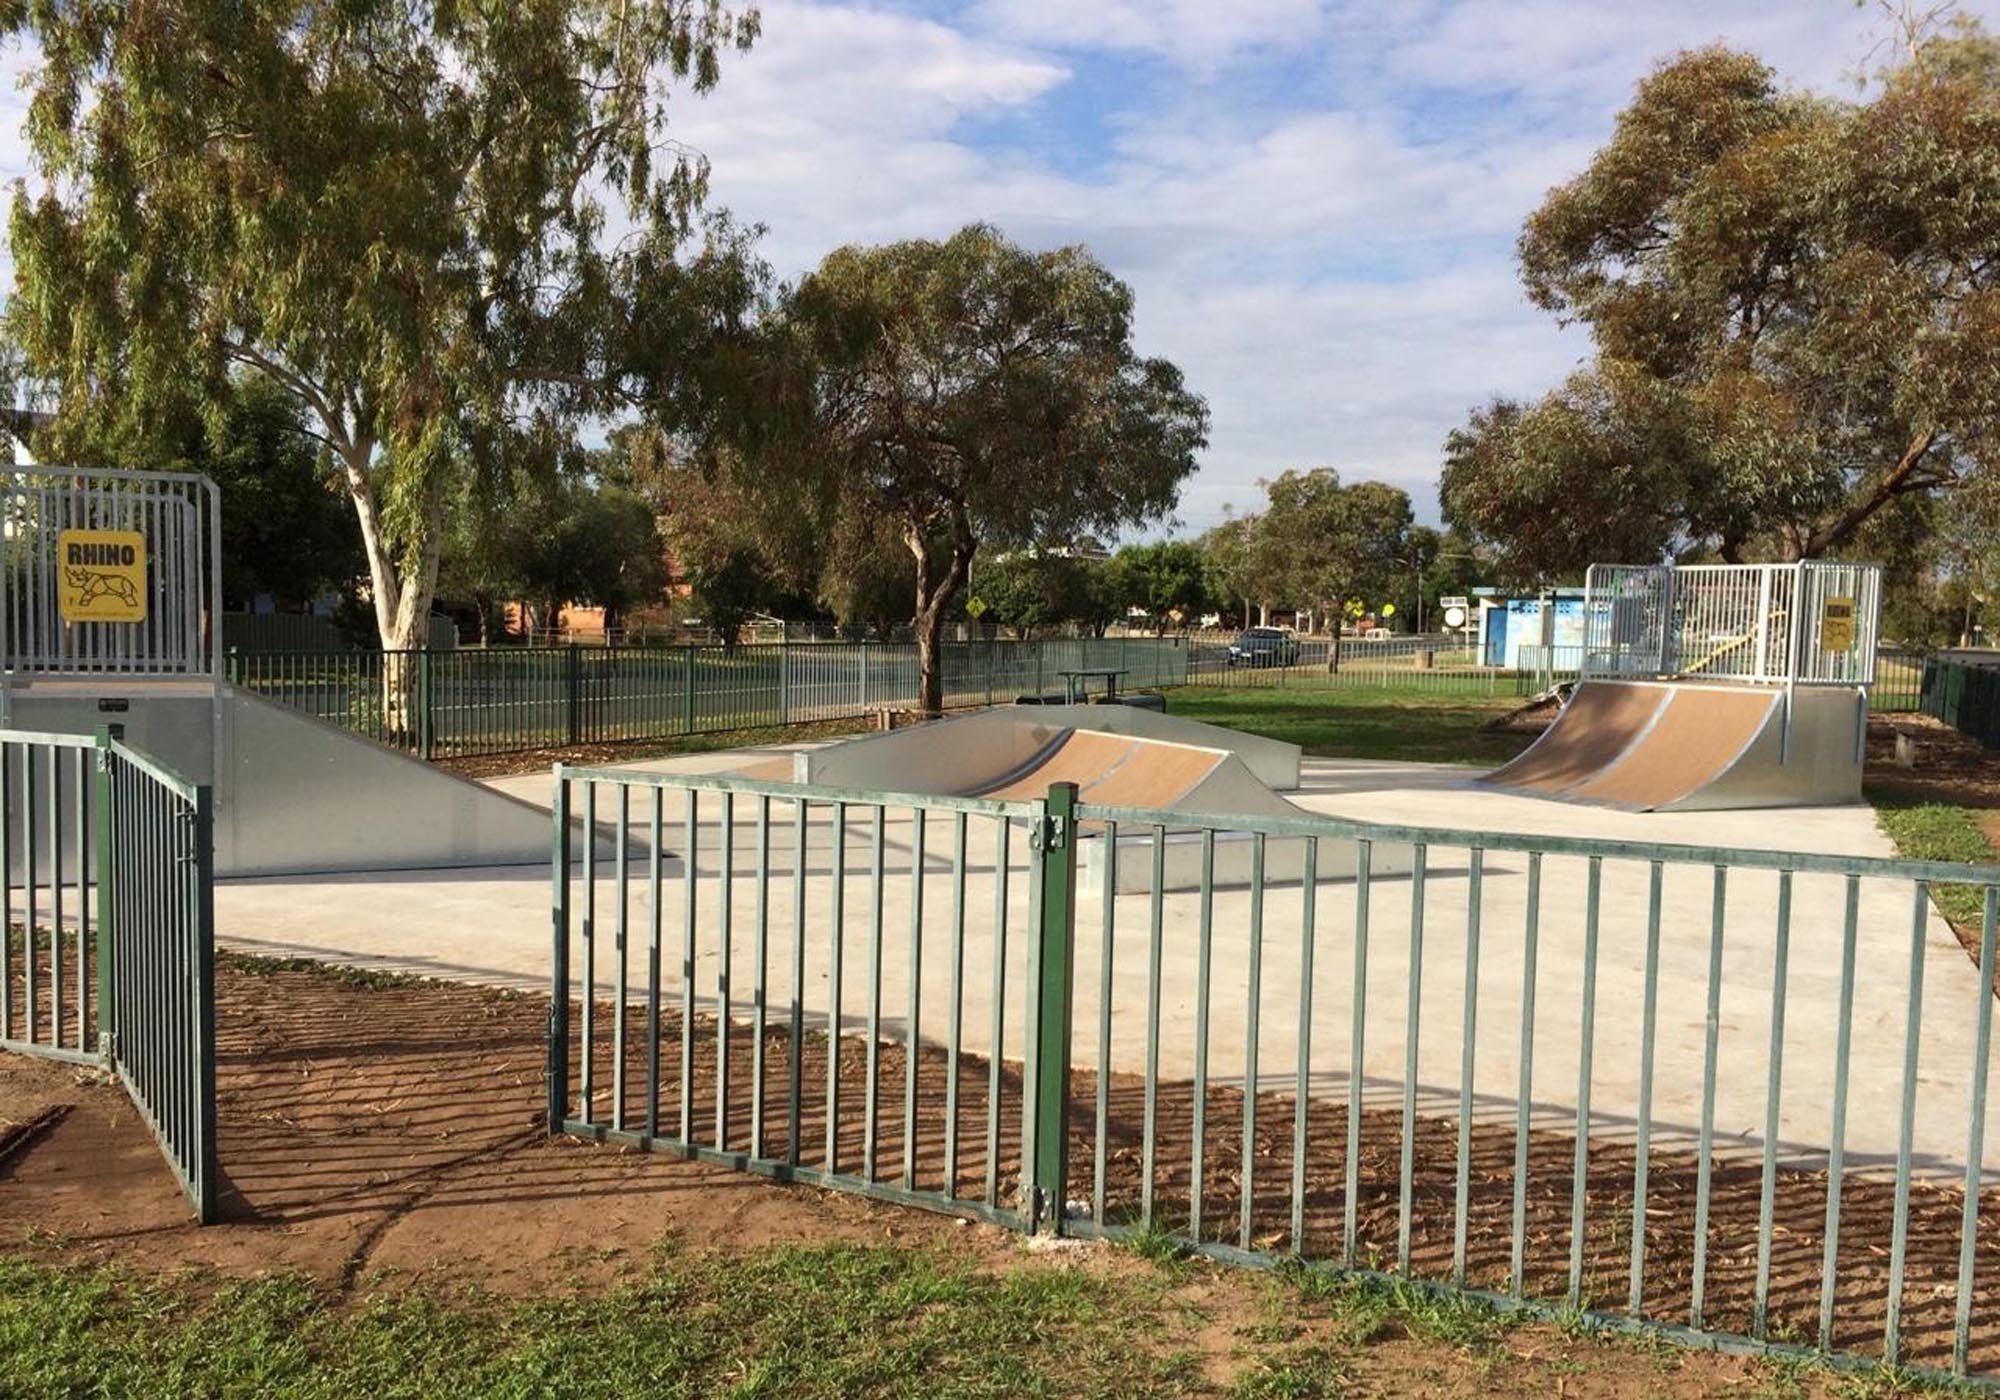 coonamble-skatepark-playground-playequipment-rhino-custom4